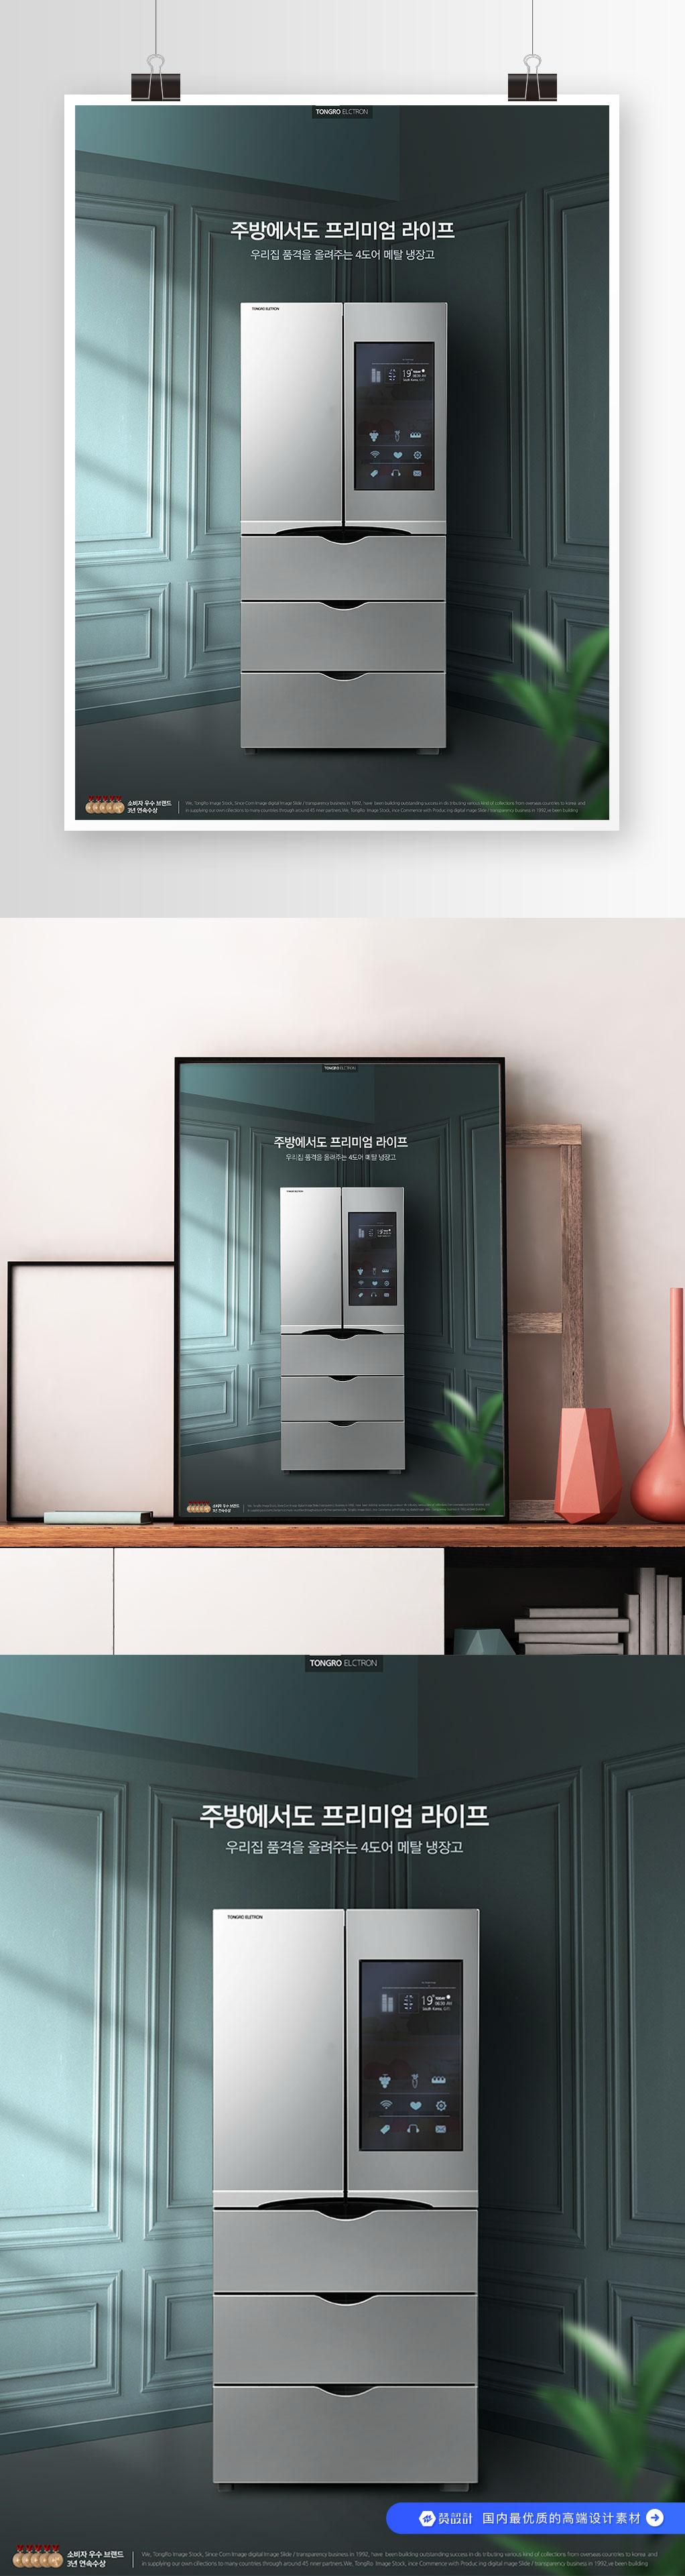 冰凉清新风格冰箱家电海报模板